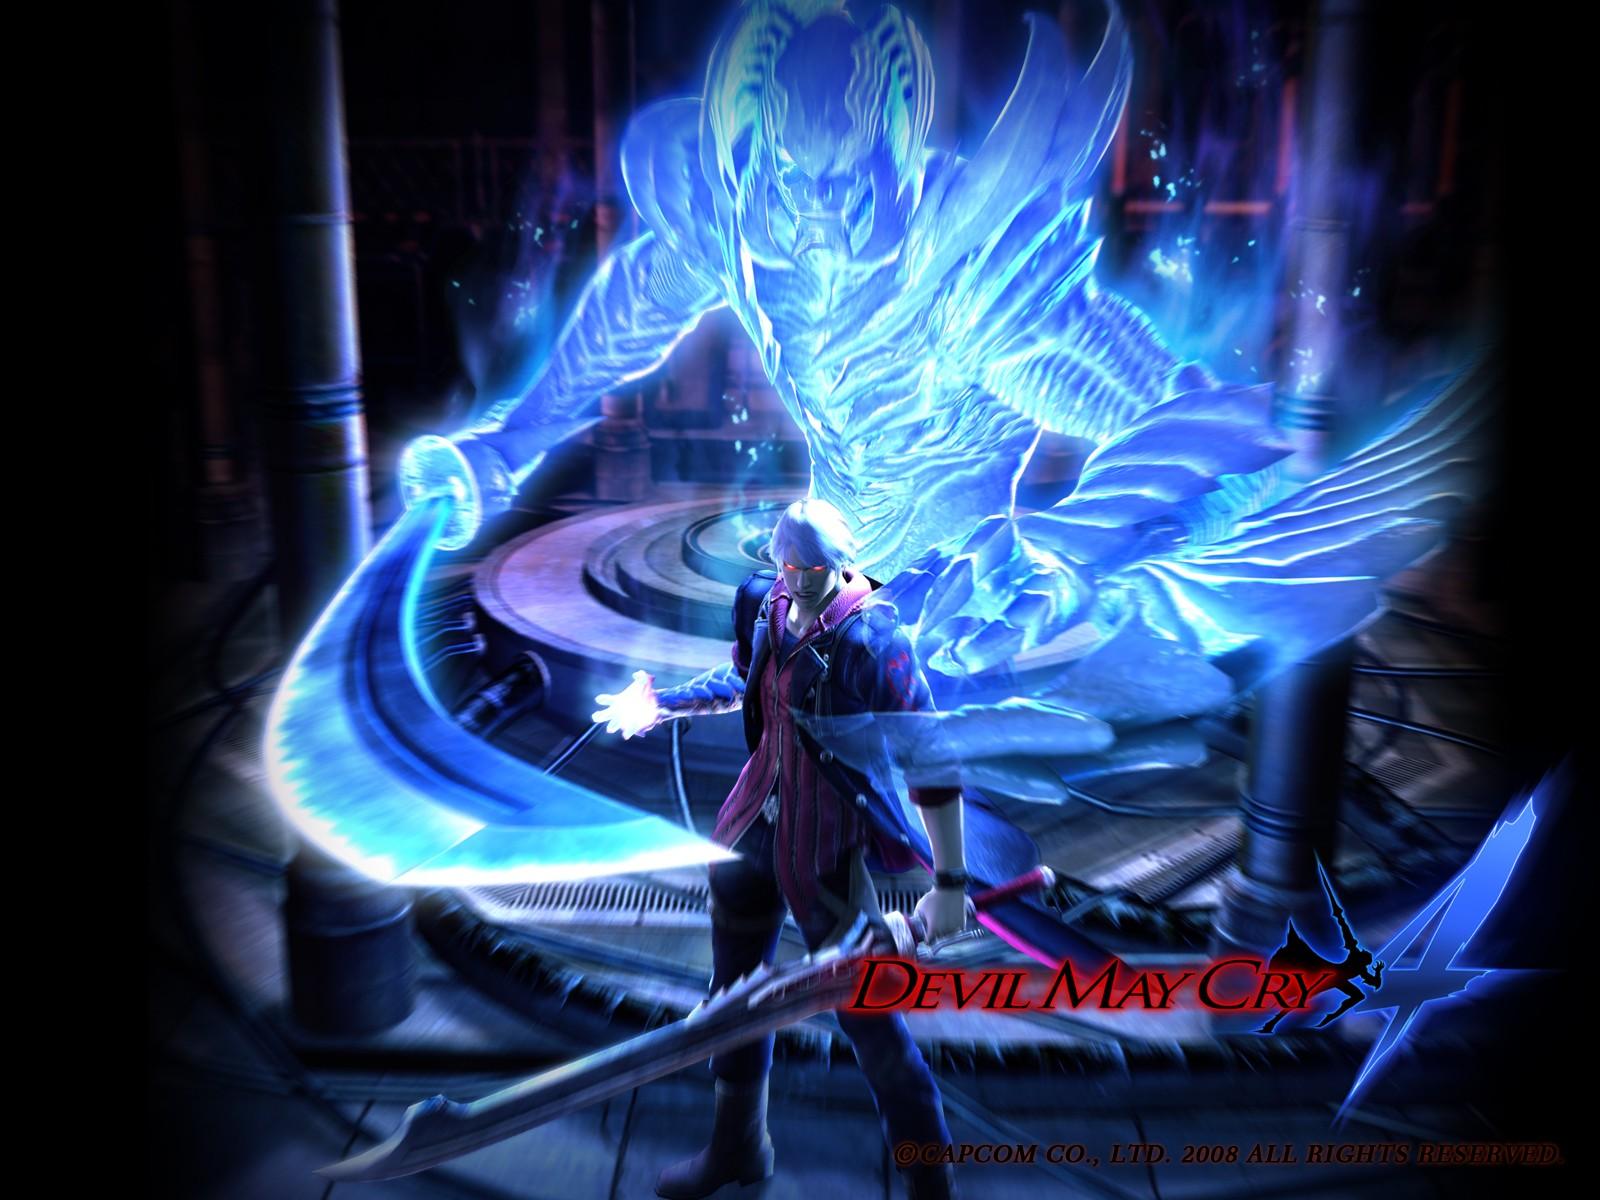 http://3.bp.blogspot.com/-c-dRyzAKqZI/T-0yV2U7nZI/AAAAAAAAAPI/2tOicrJyMI4/s1600/devil-may-cry-4-wallpaper-wp20080208-1.jpg